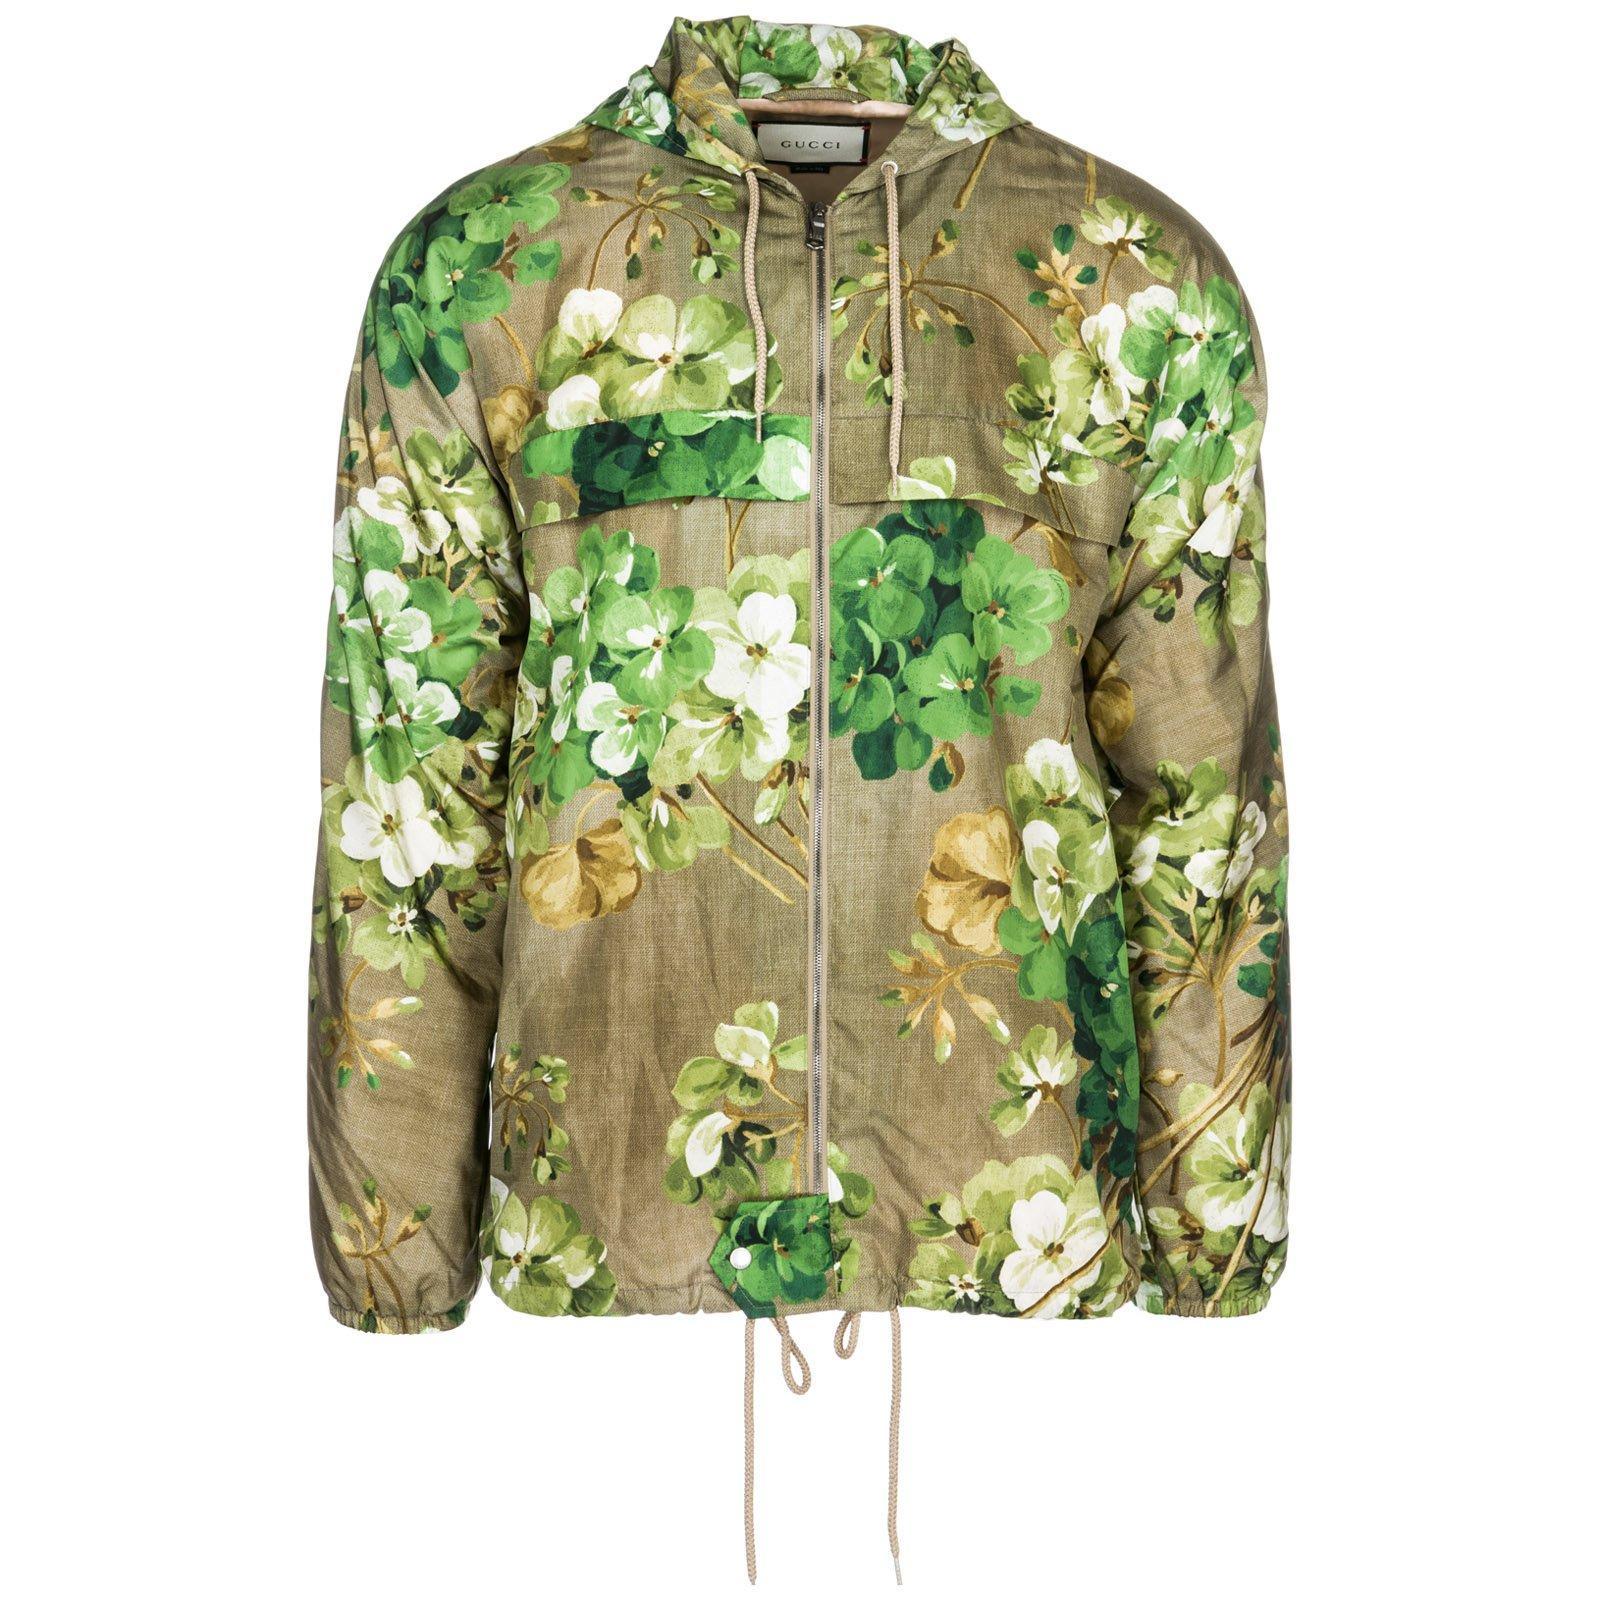 3e8b75eb95e Gucci Floral Print Windbreaker In Green. CETTIRE